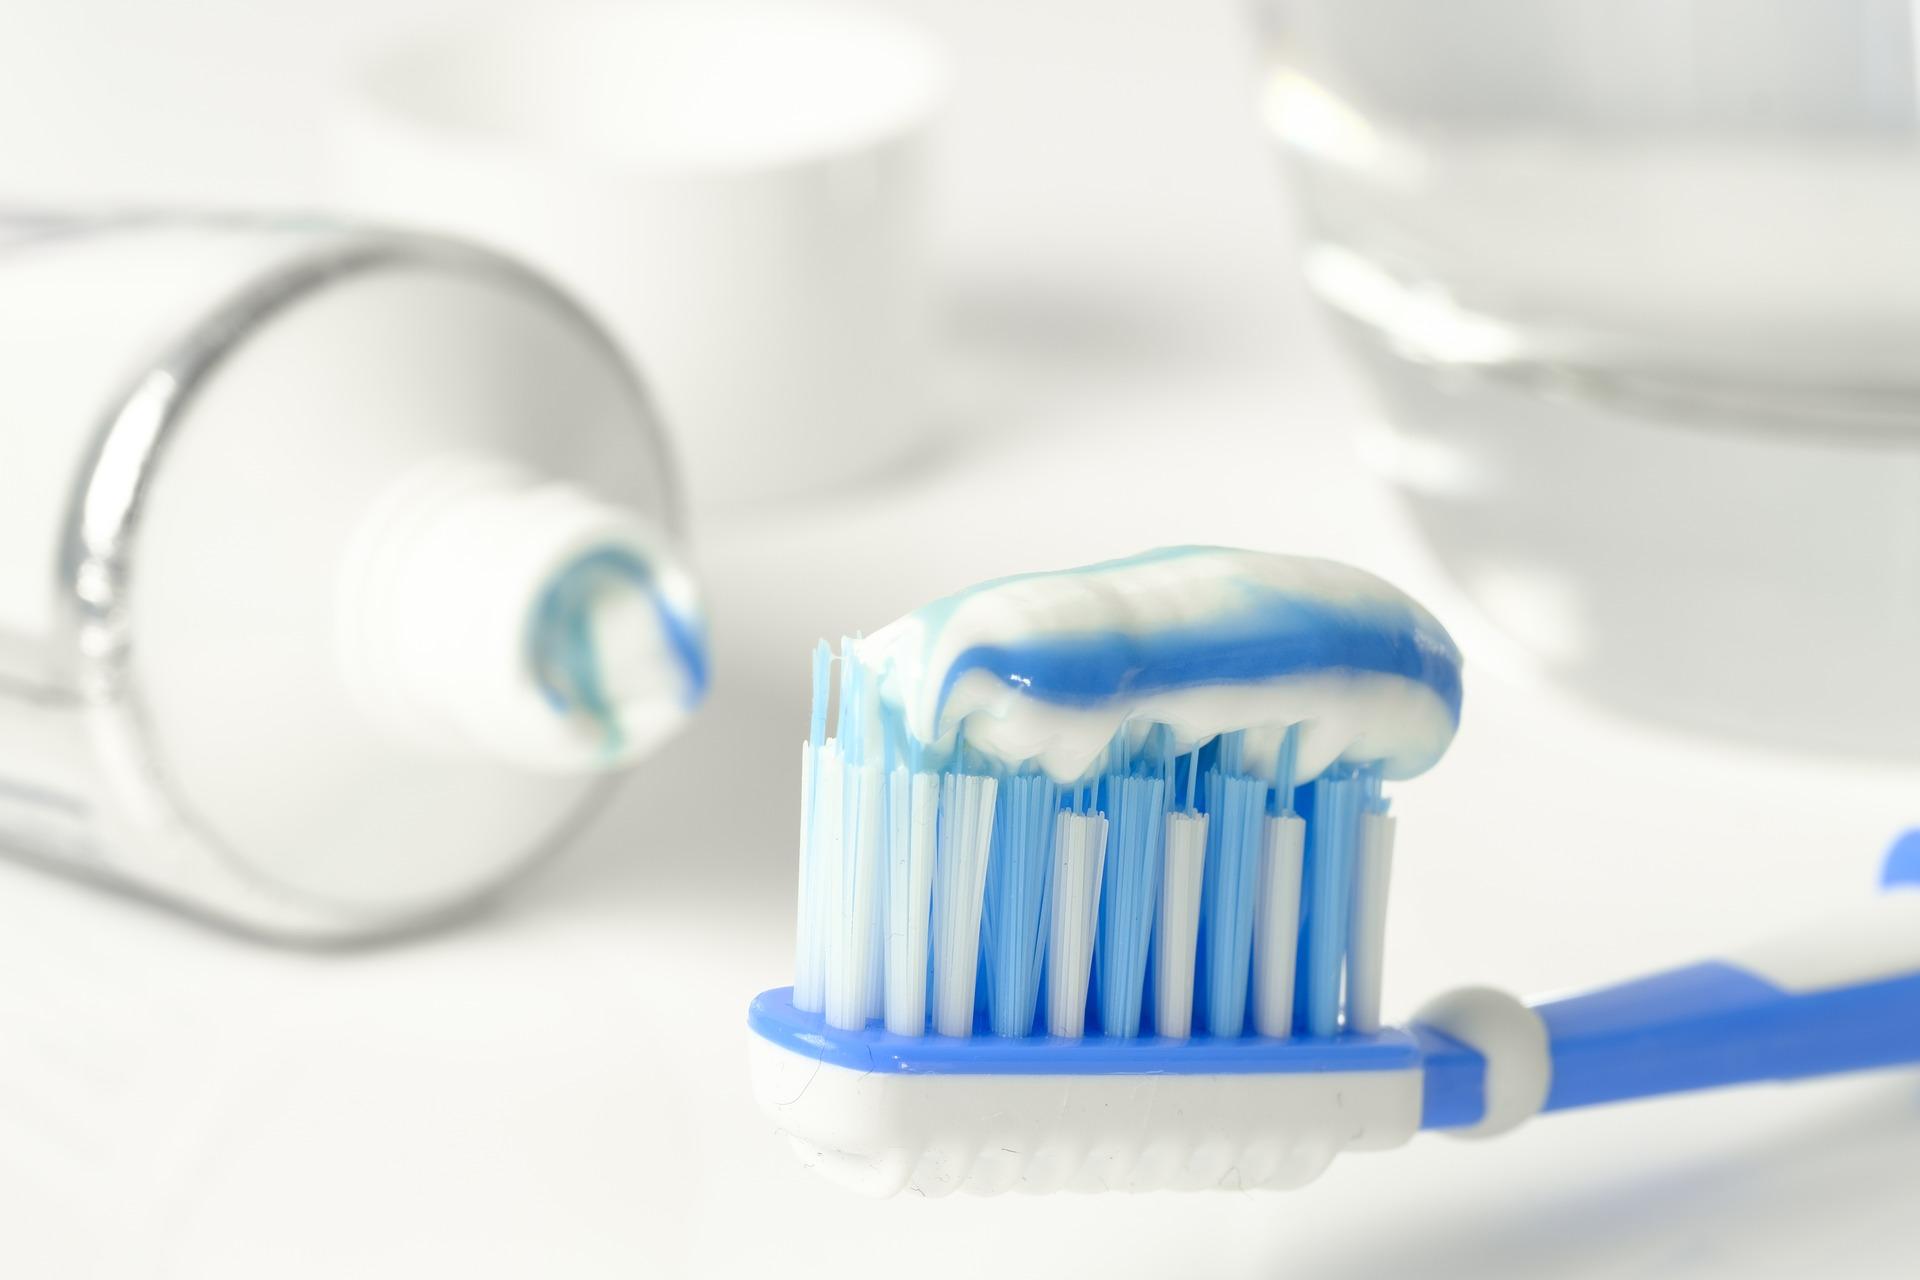 piores dicas da internet para o seu carro pasta de dente nos faróis